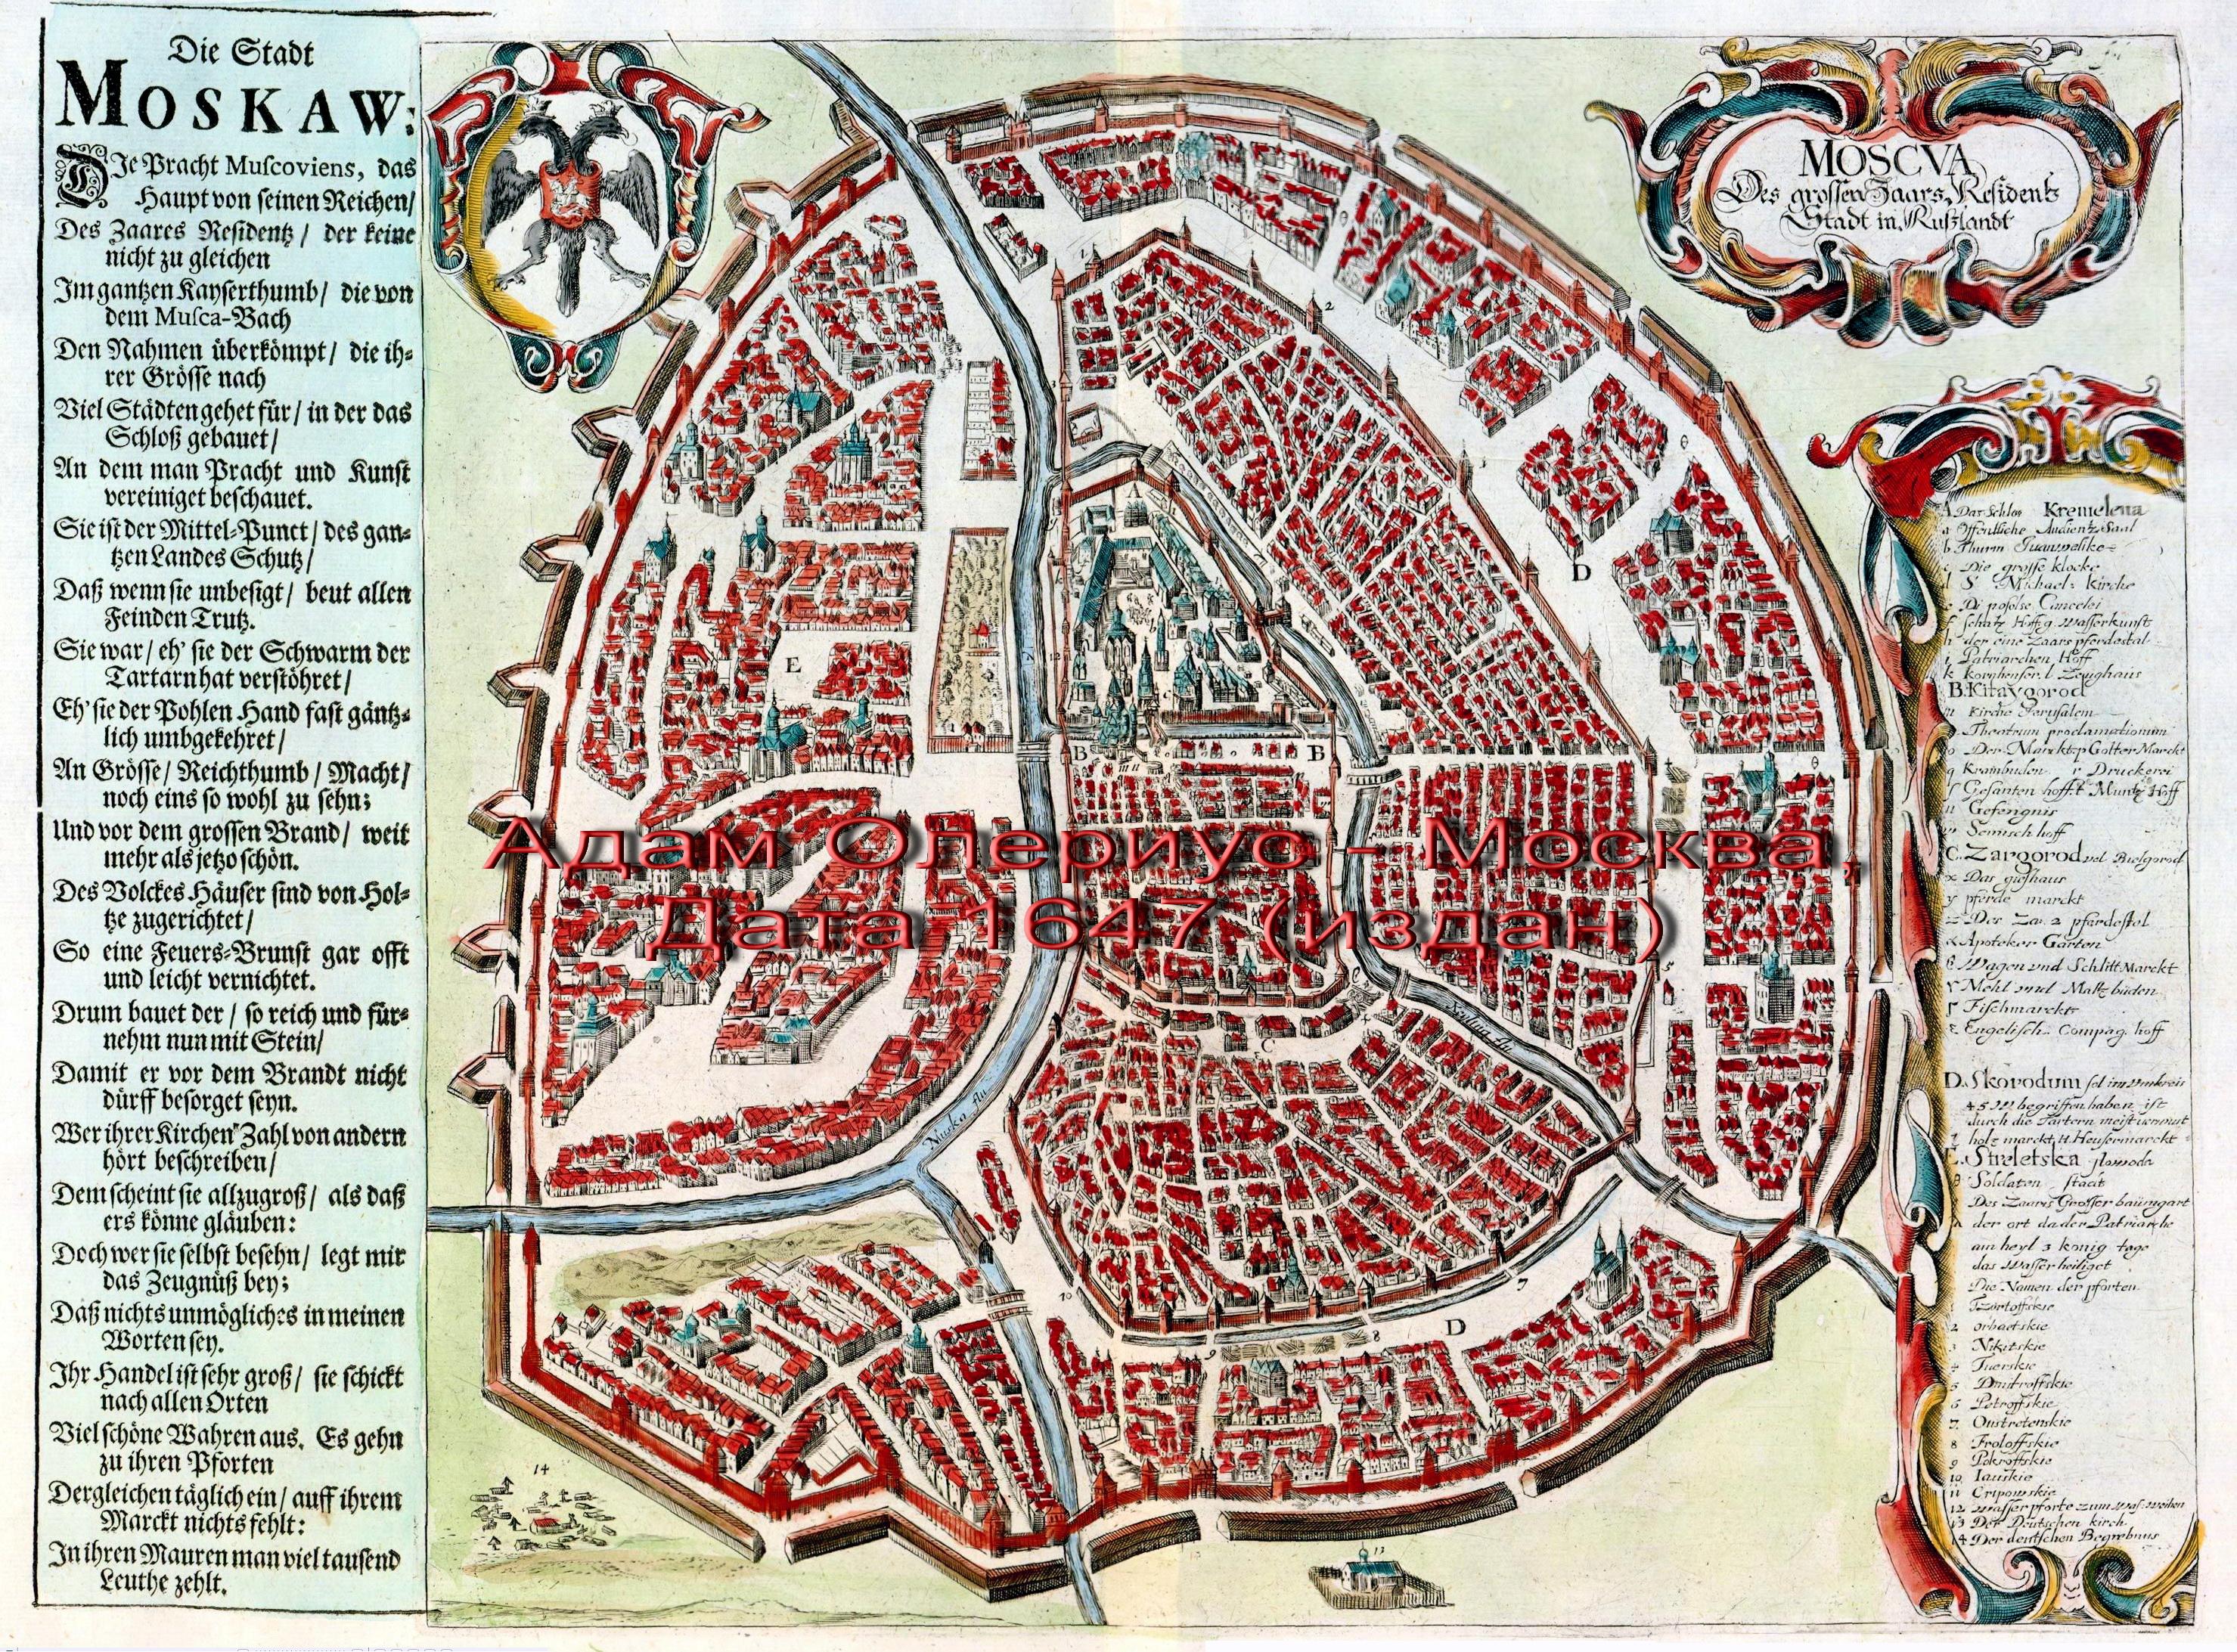 Адам Олериус - Москва, Дата 1647 -НА САЙТ